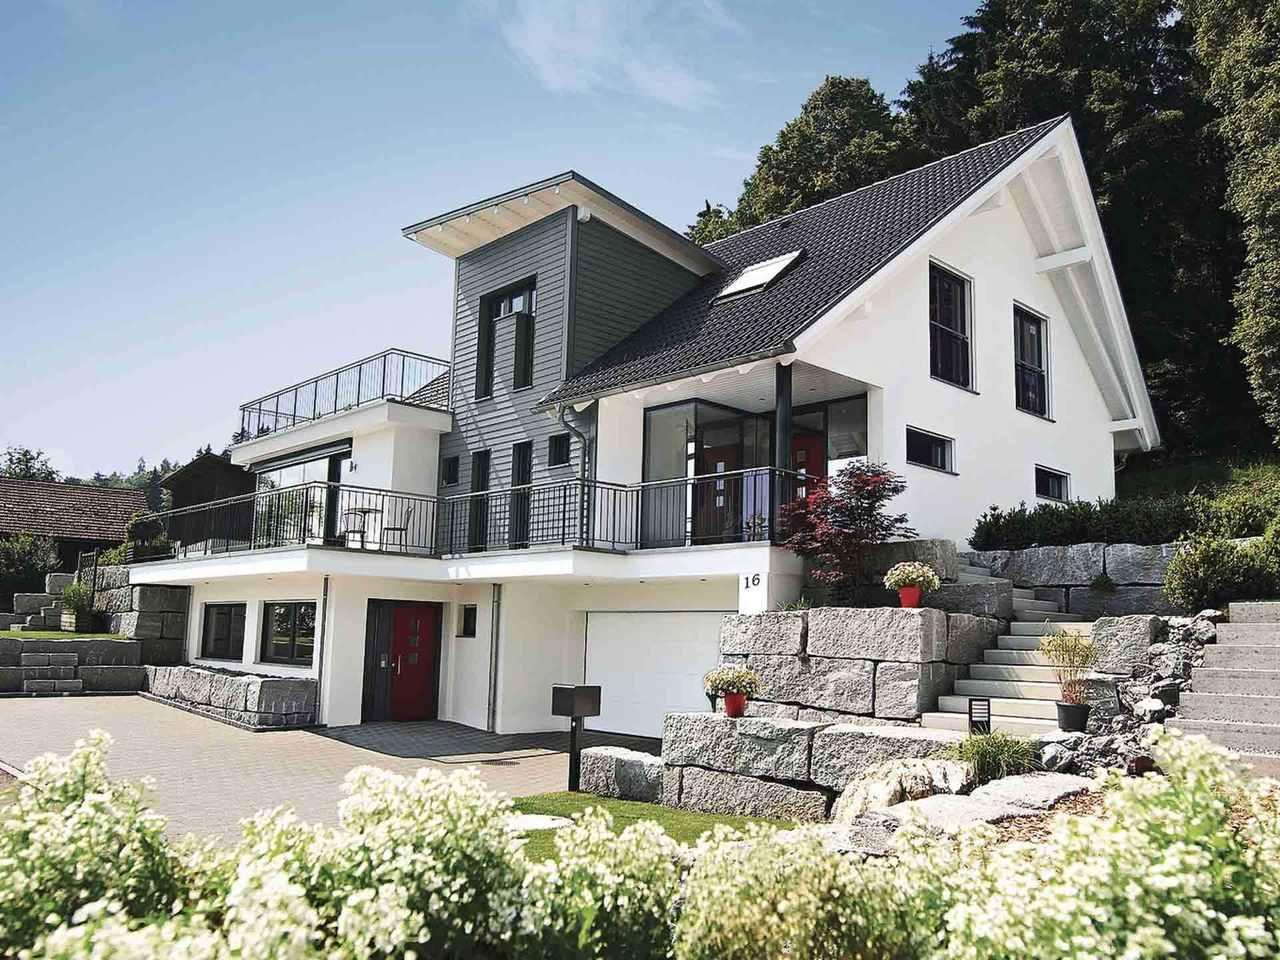 Einfamilienhaus mit hanglage weberhaus for Einfamilienhaus bauen ideen